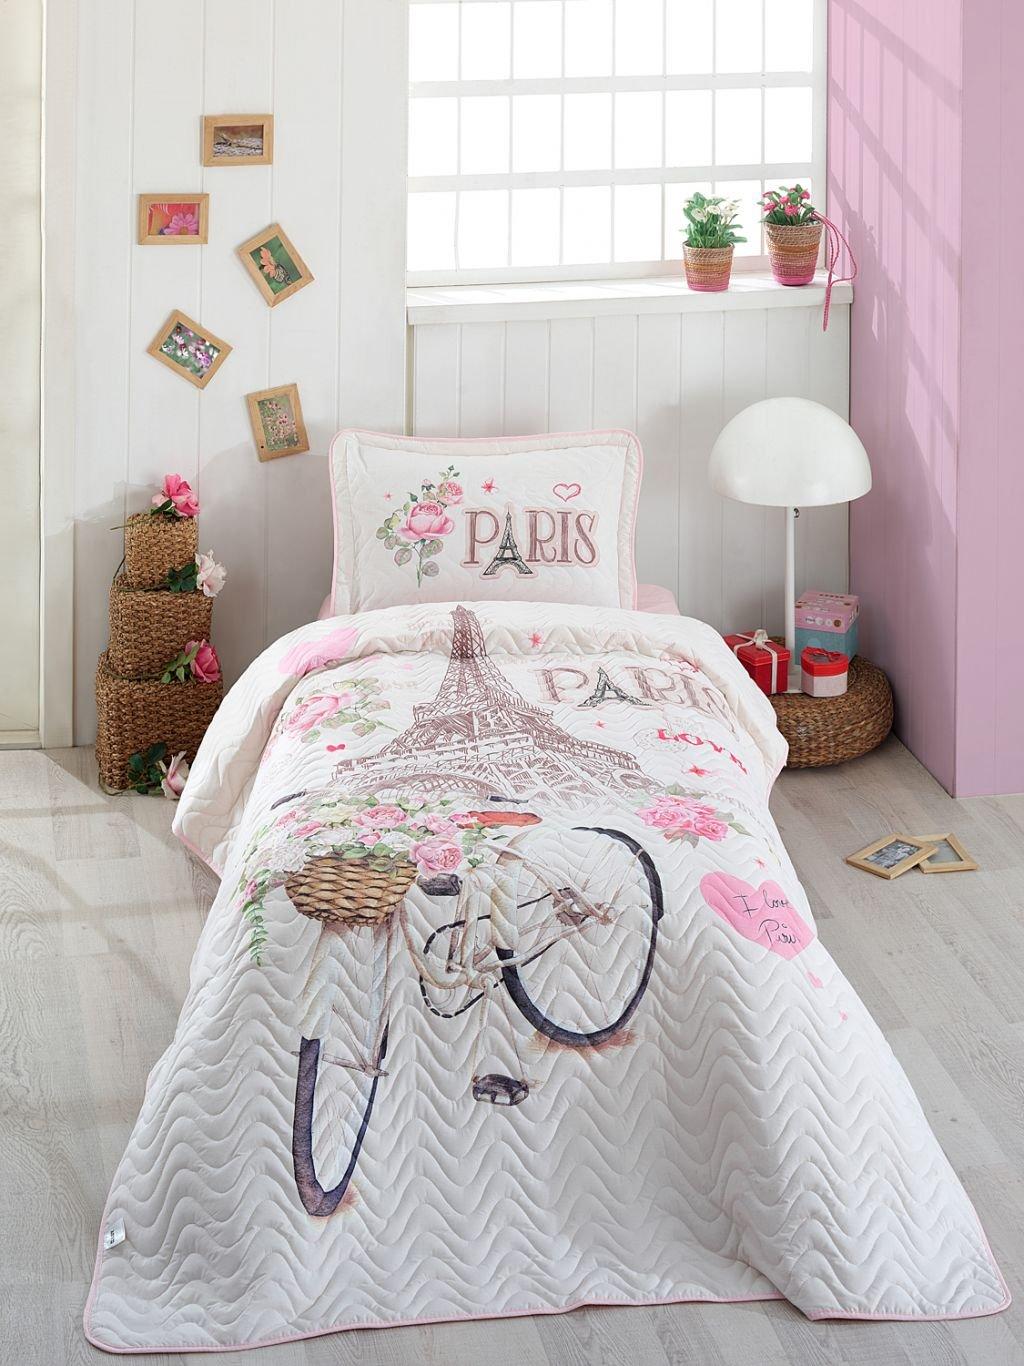 Bekata Paris Love, 100% Cotton Single/Twin Size Bedspread/Coverlet Set, Paris Bedding Set, Eiffel Tower Themed, Pink White 2 PCS